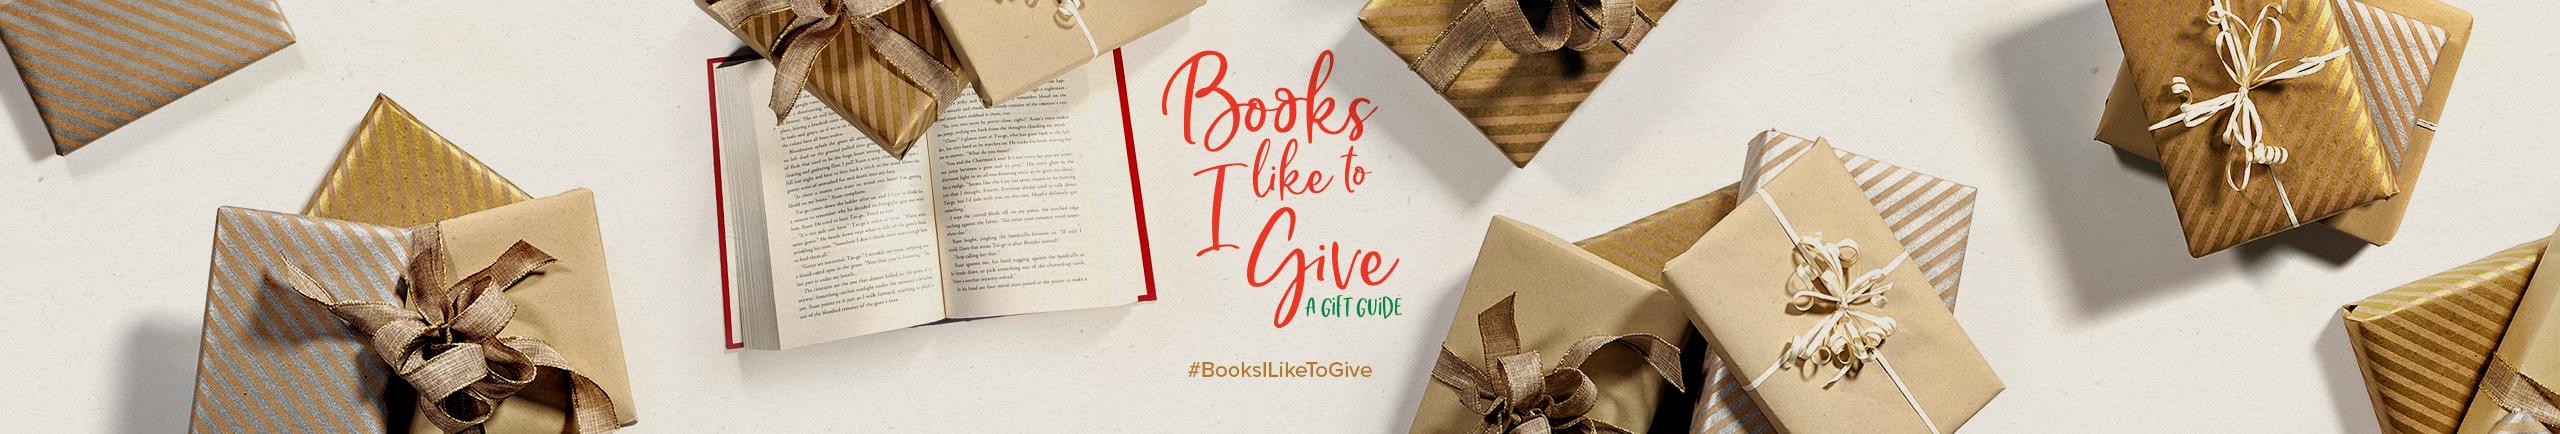 Books I Like to Give